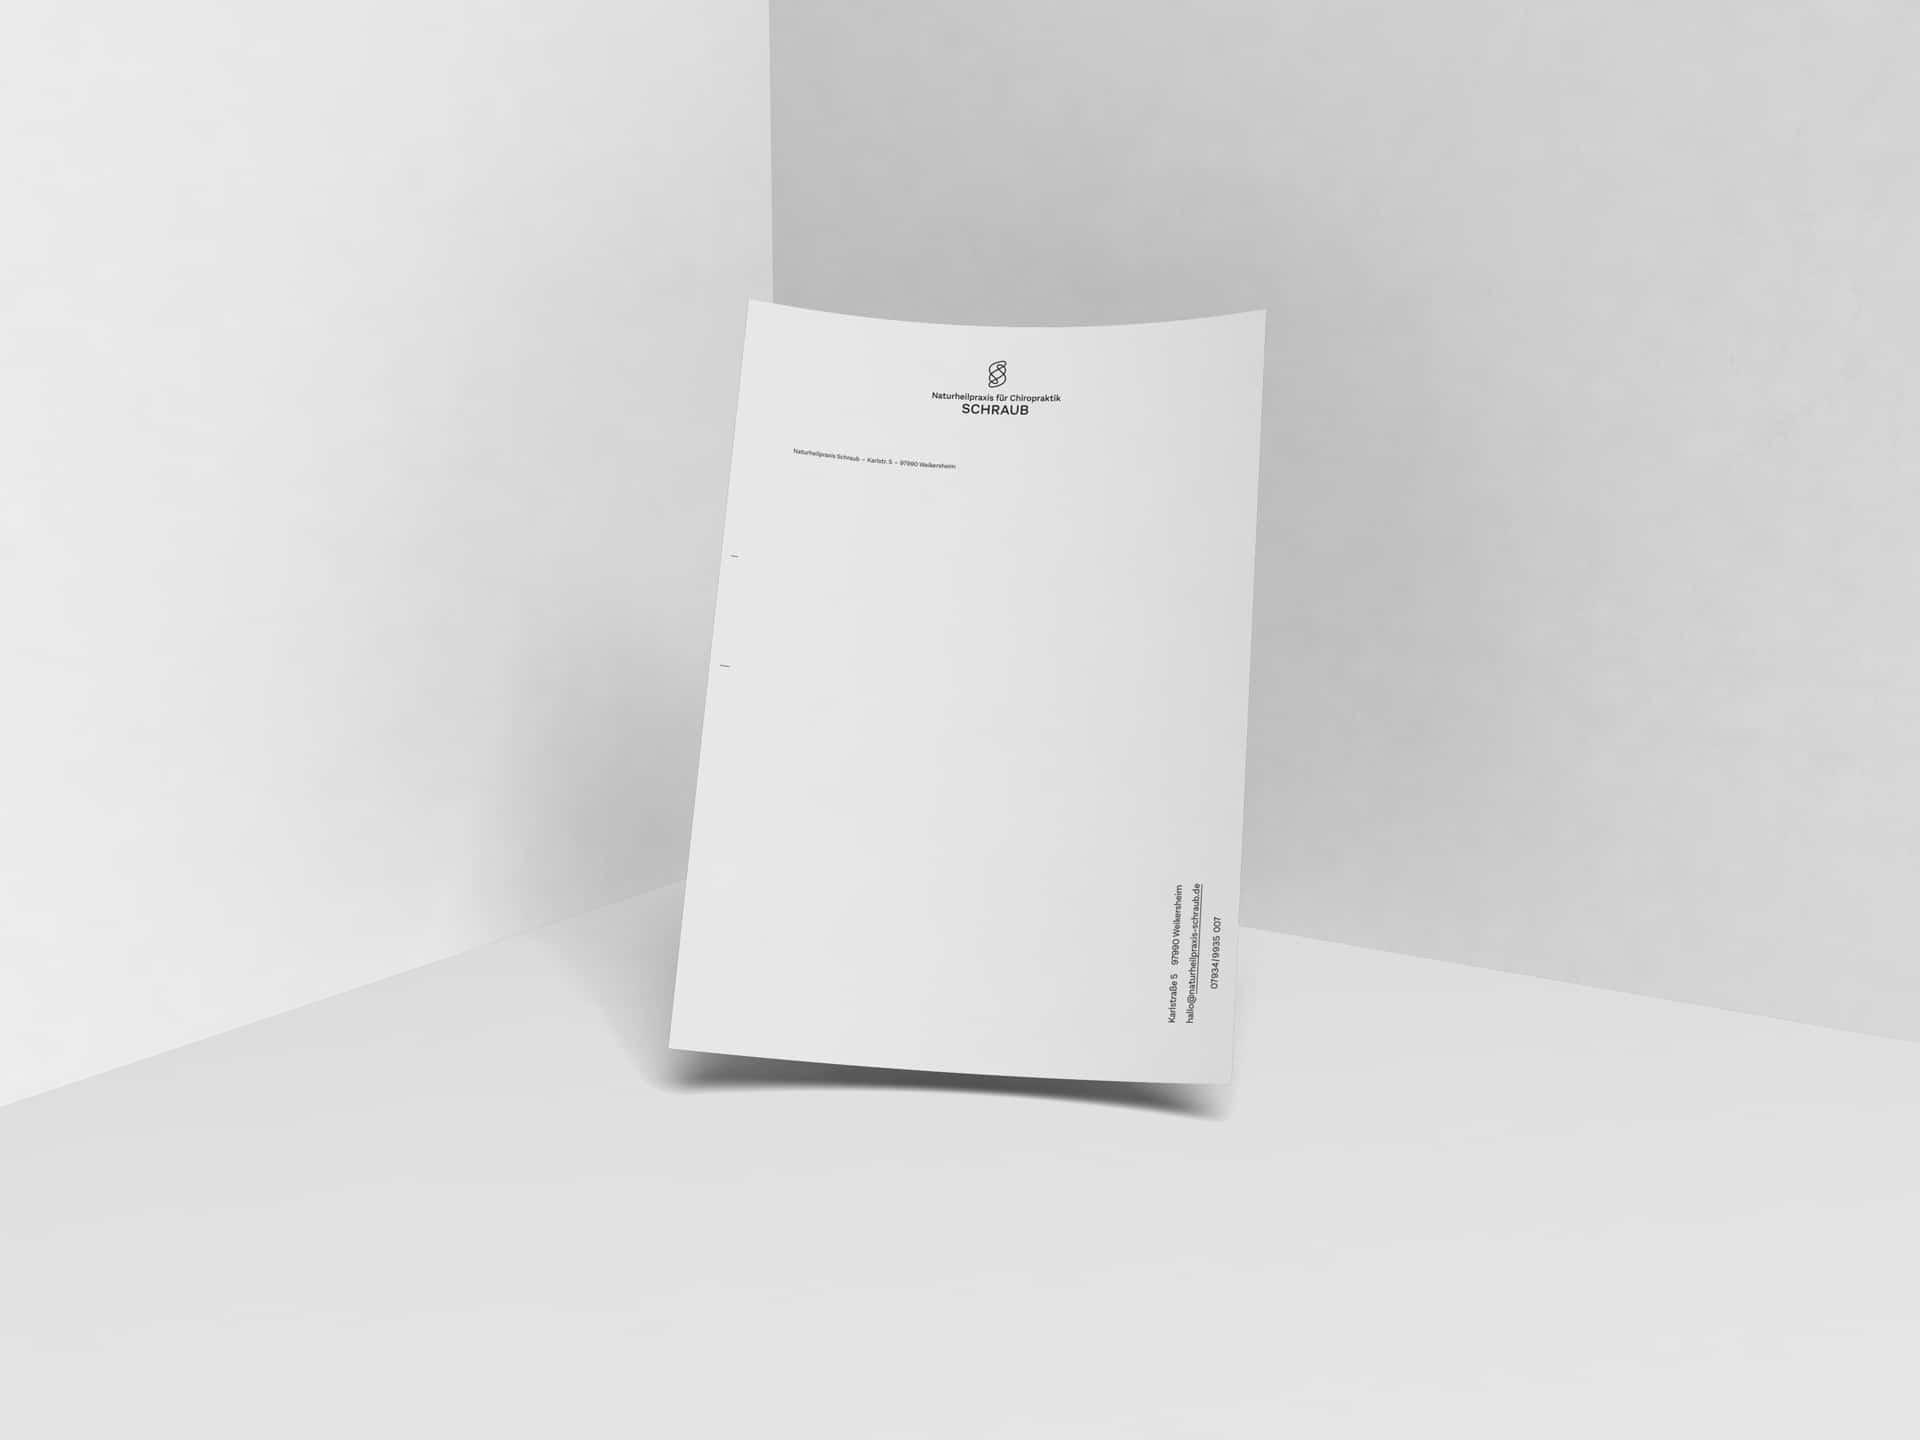 Briefbogen Design Naturheilpraxis für Chiropraktik Schraub